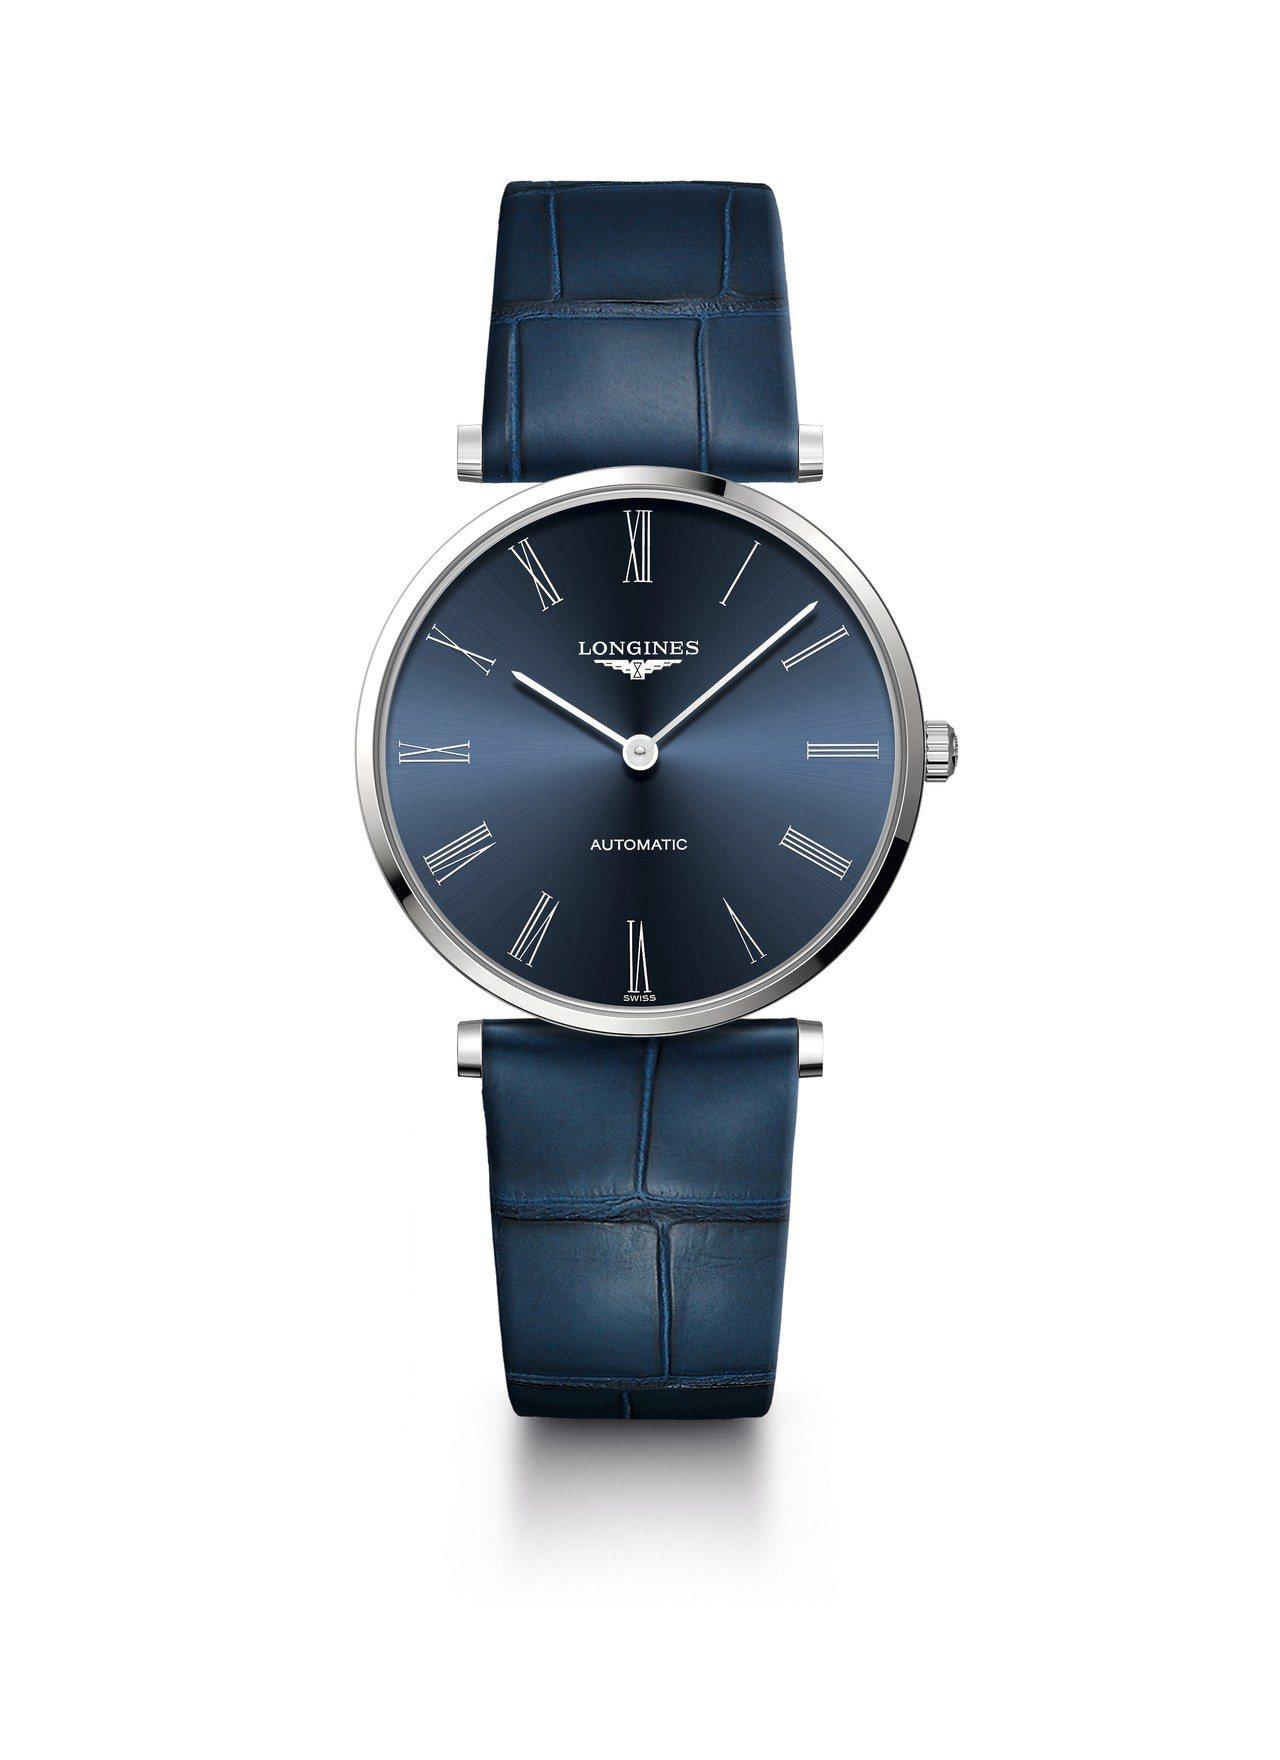 浪琴嘉嵐系列36毫米不鏽鋼藍面自動上鍊腕表,50,500元。圖/浪琴表提供